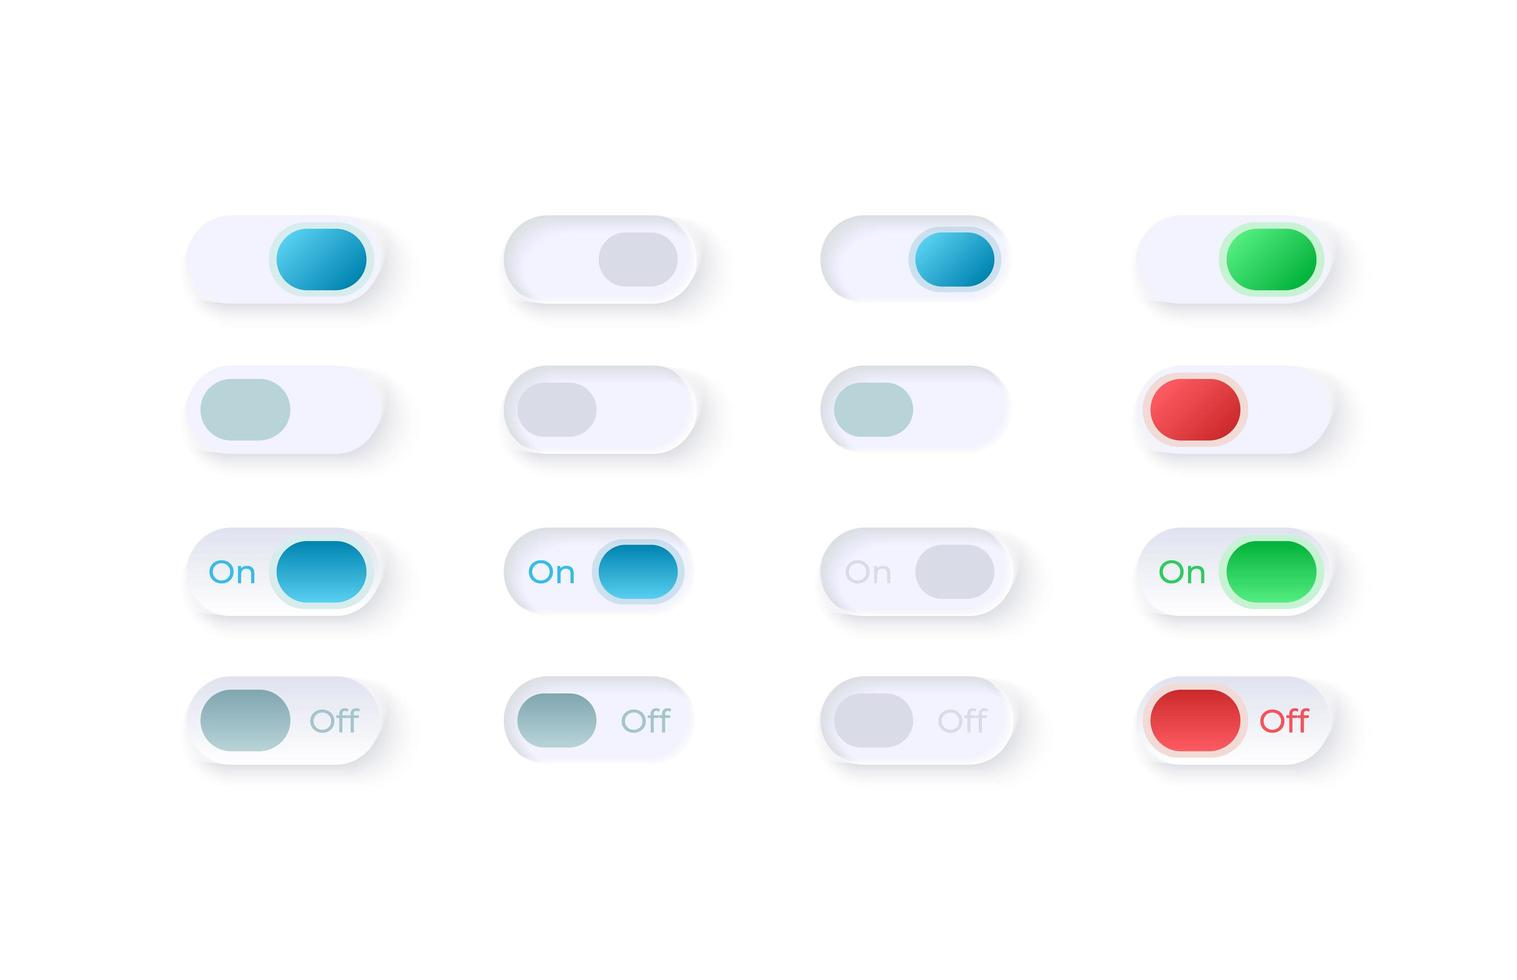 interrupteurs marche / arrêt kit d'éléments d'interface utilisateur vecteur